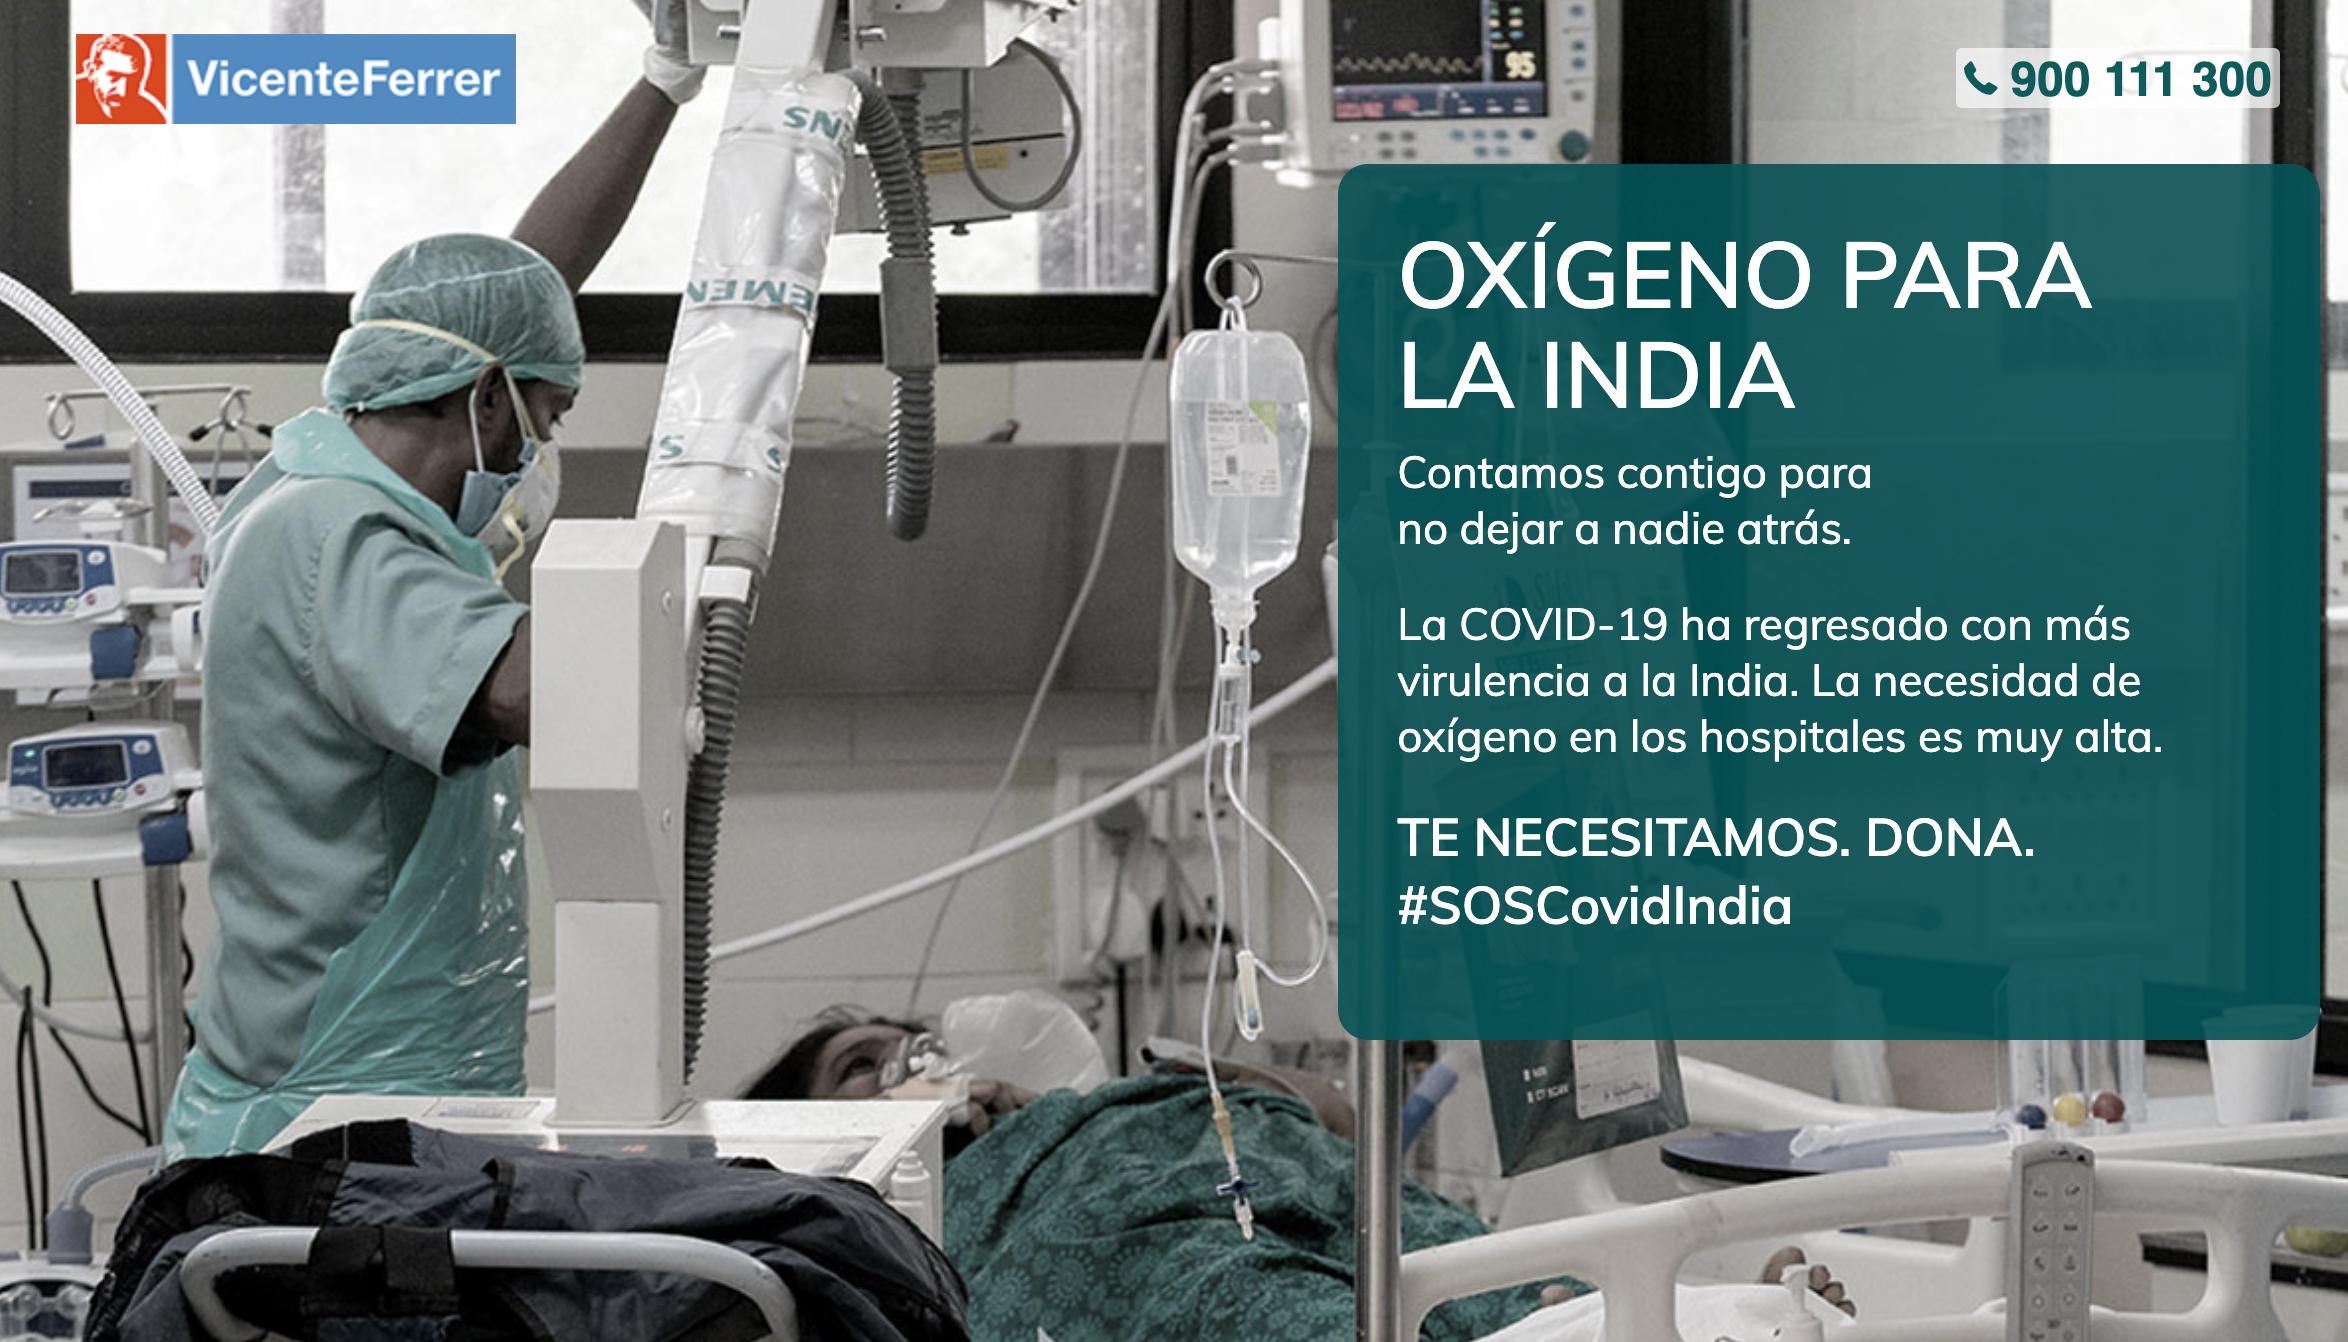 """SIAM kooperiert mit Vicente Ferrer Foundation bei der Kampagne """"Oxygen for India"""""""